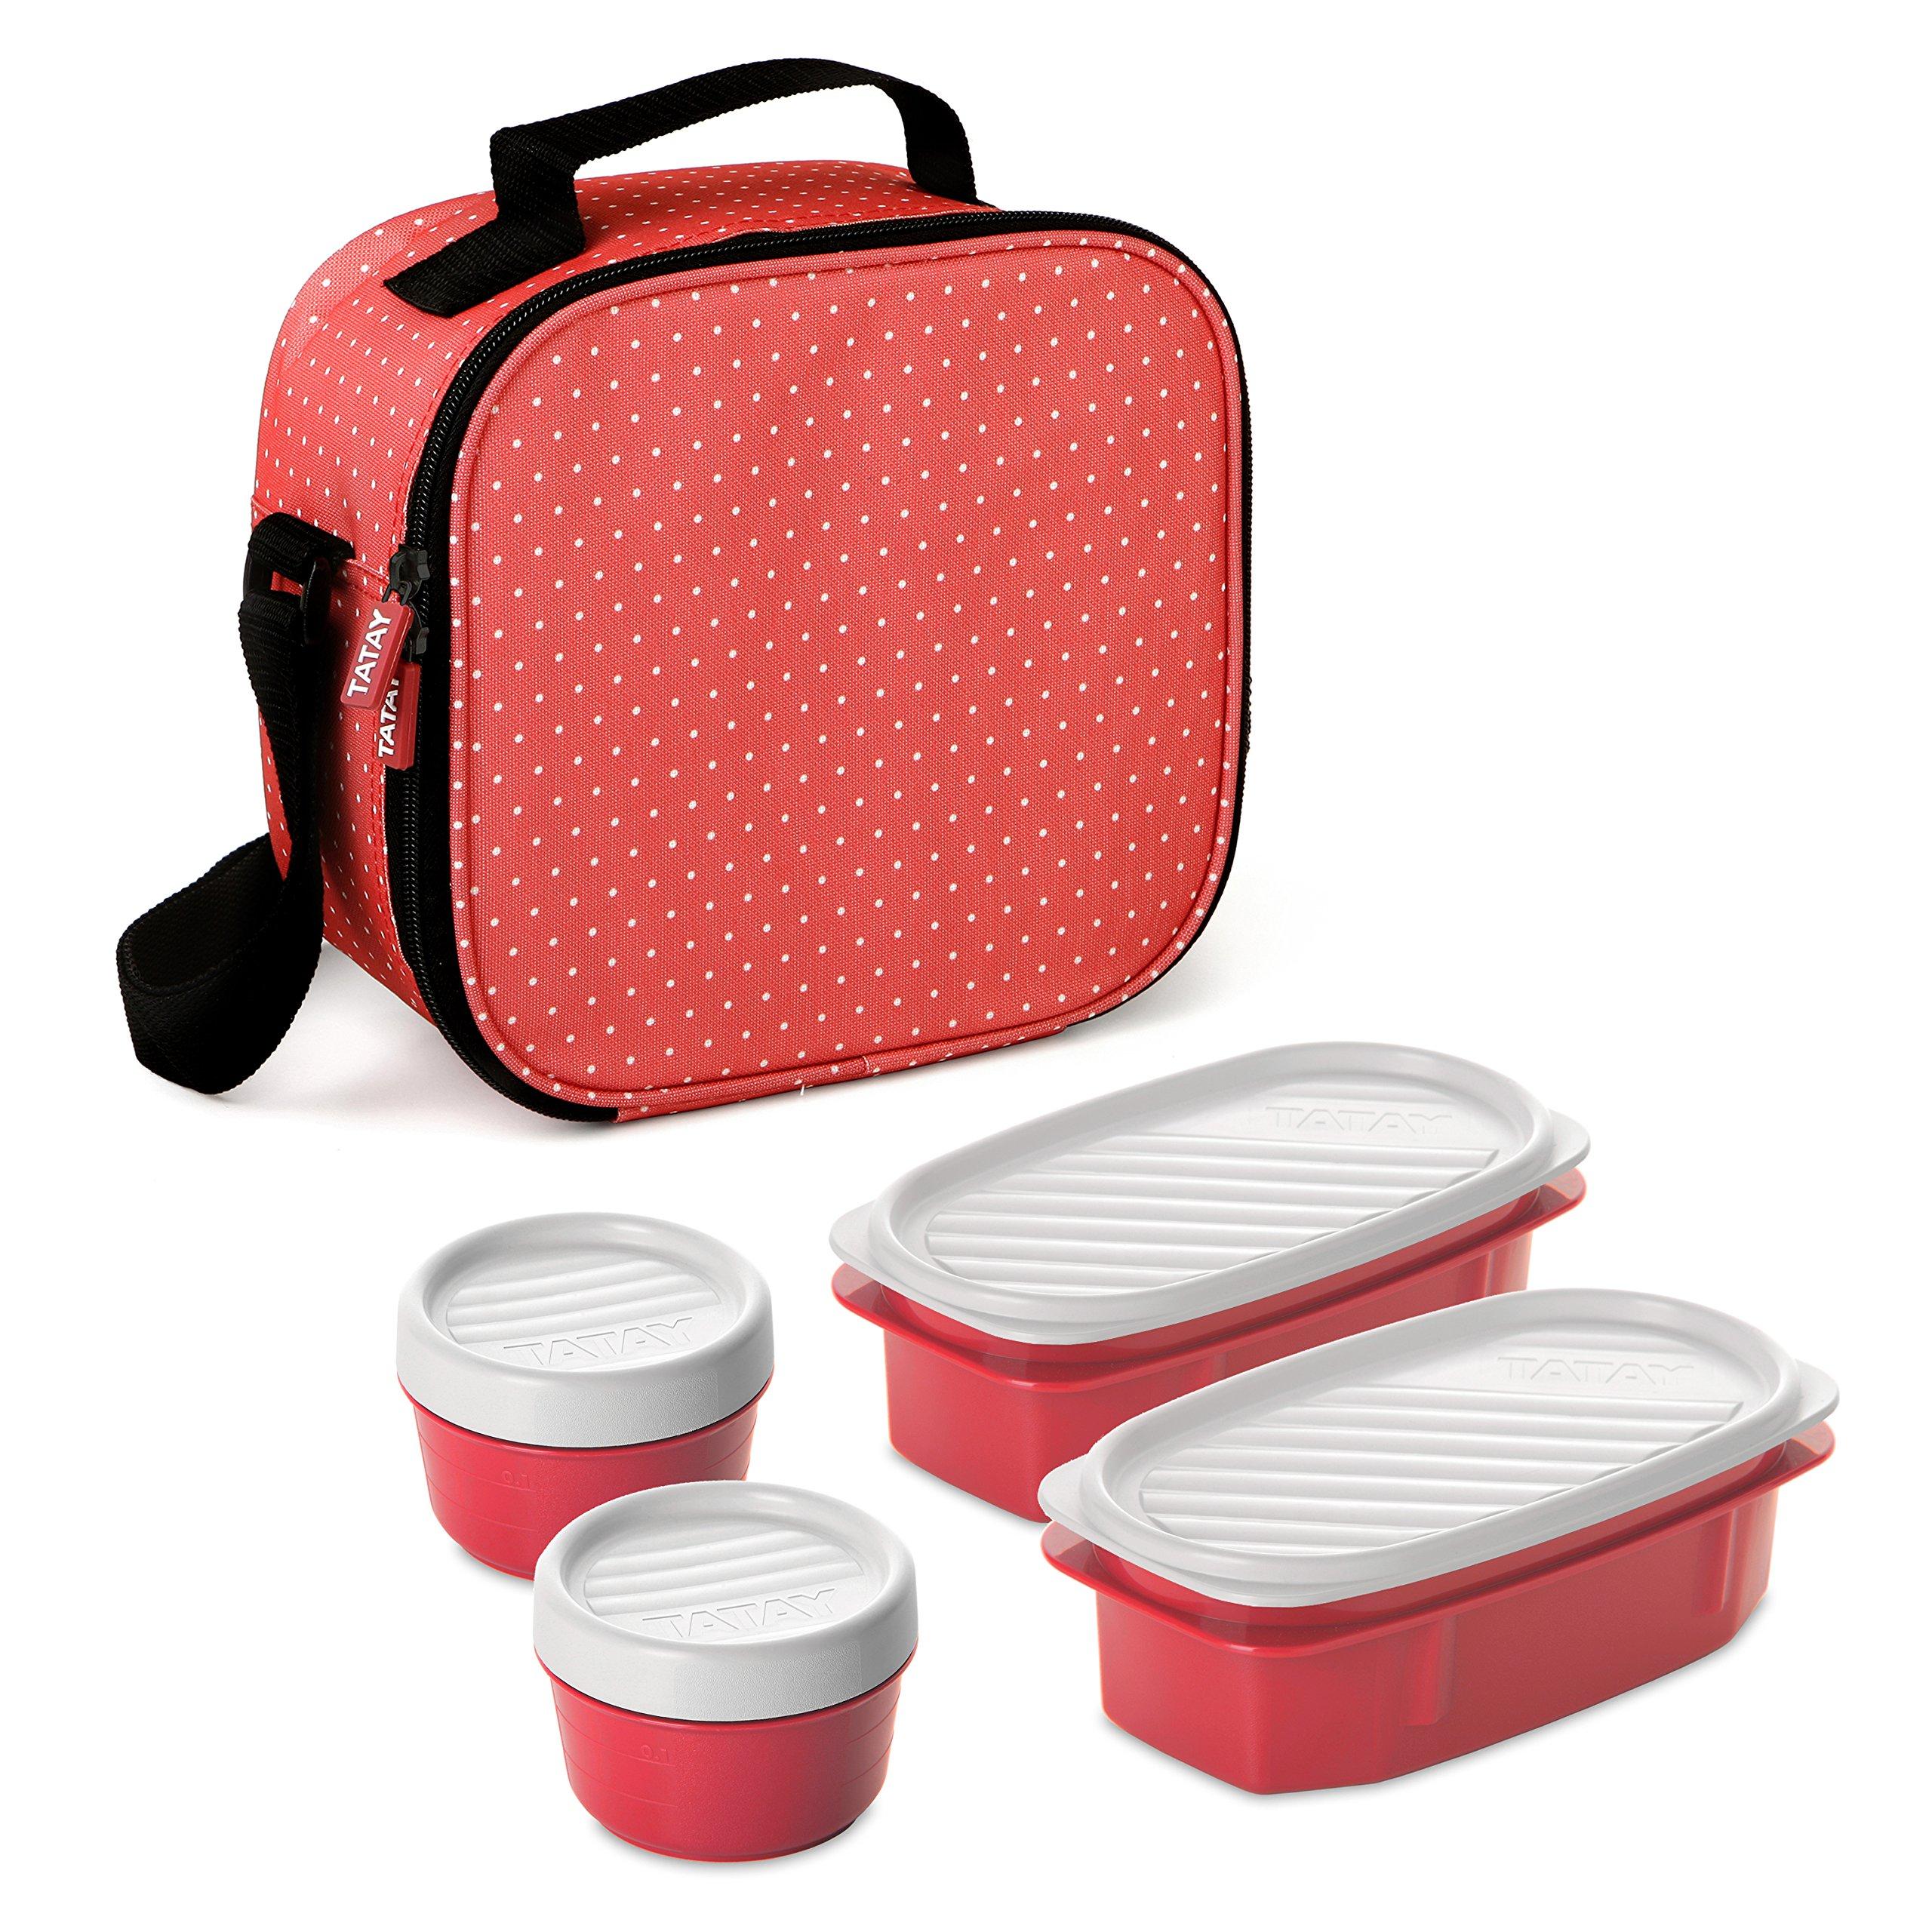 TATAY Urban Food Dots - Bolsa térmica porta alimentos con fiambreras incluidas, color rojo fresa